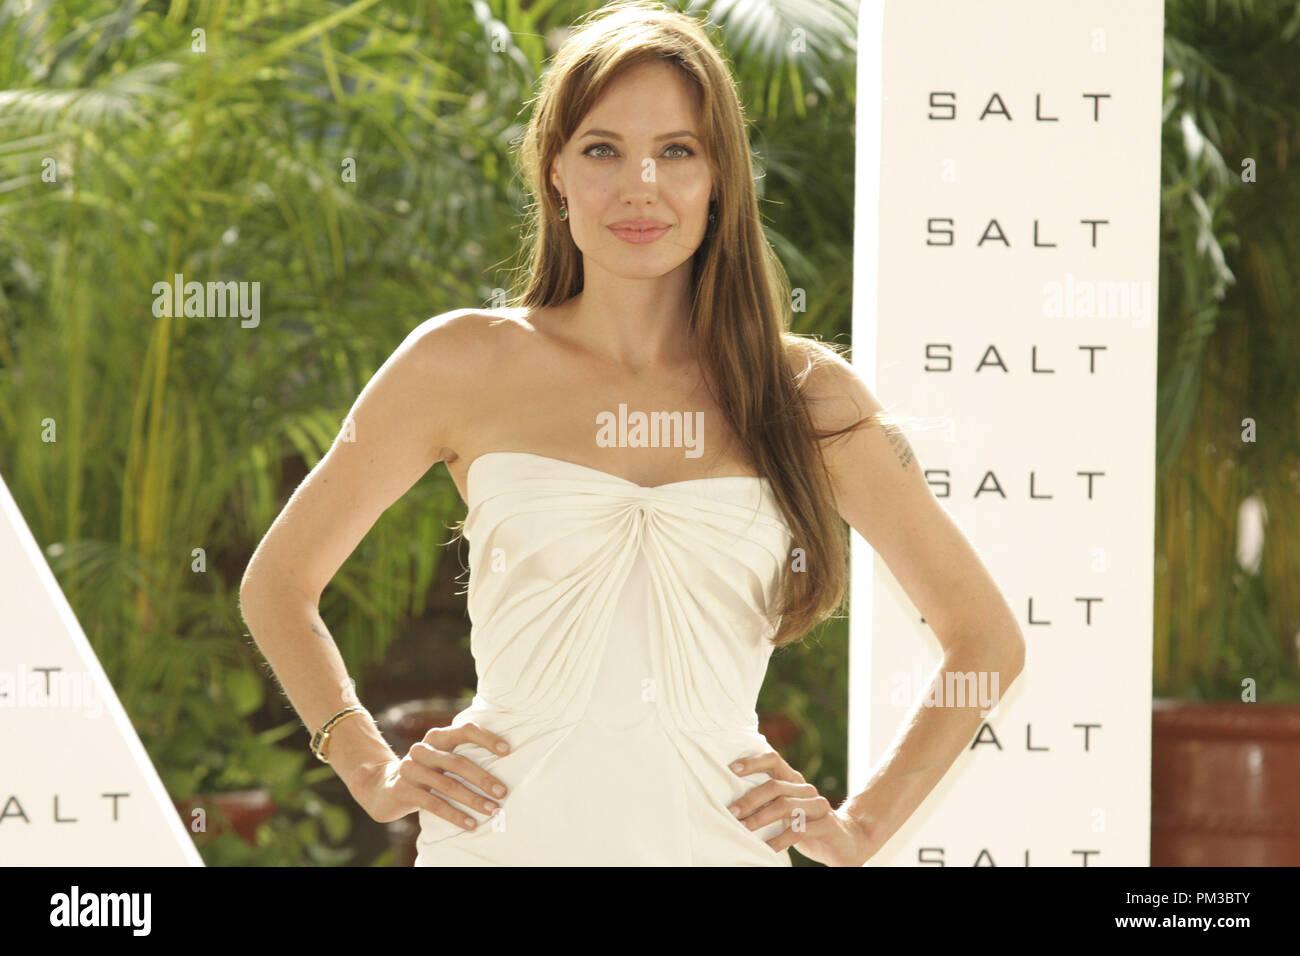 Cancun, Mexiko - 30. Juni 2010: Angelina Jolie an der Columbia Pictures' SALZ Foto bei Sommer Sony statt. Datei Referenz # 30318_001 GFS nur für redaktionelle Verwendung - Alle Rechte vorbehalten Stockbild